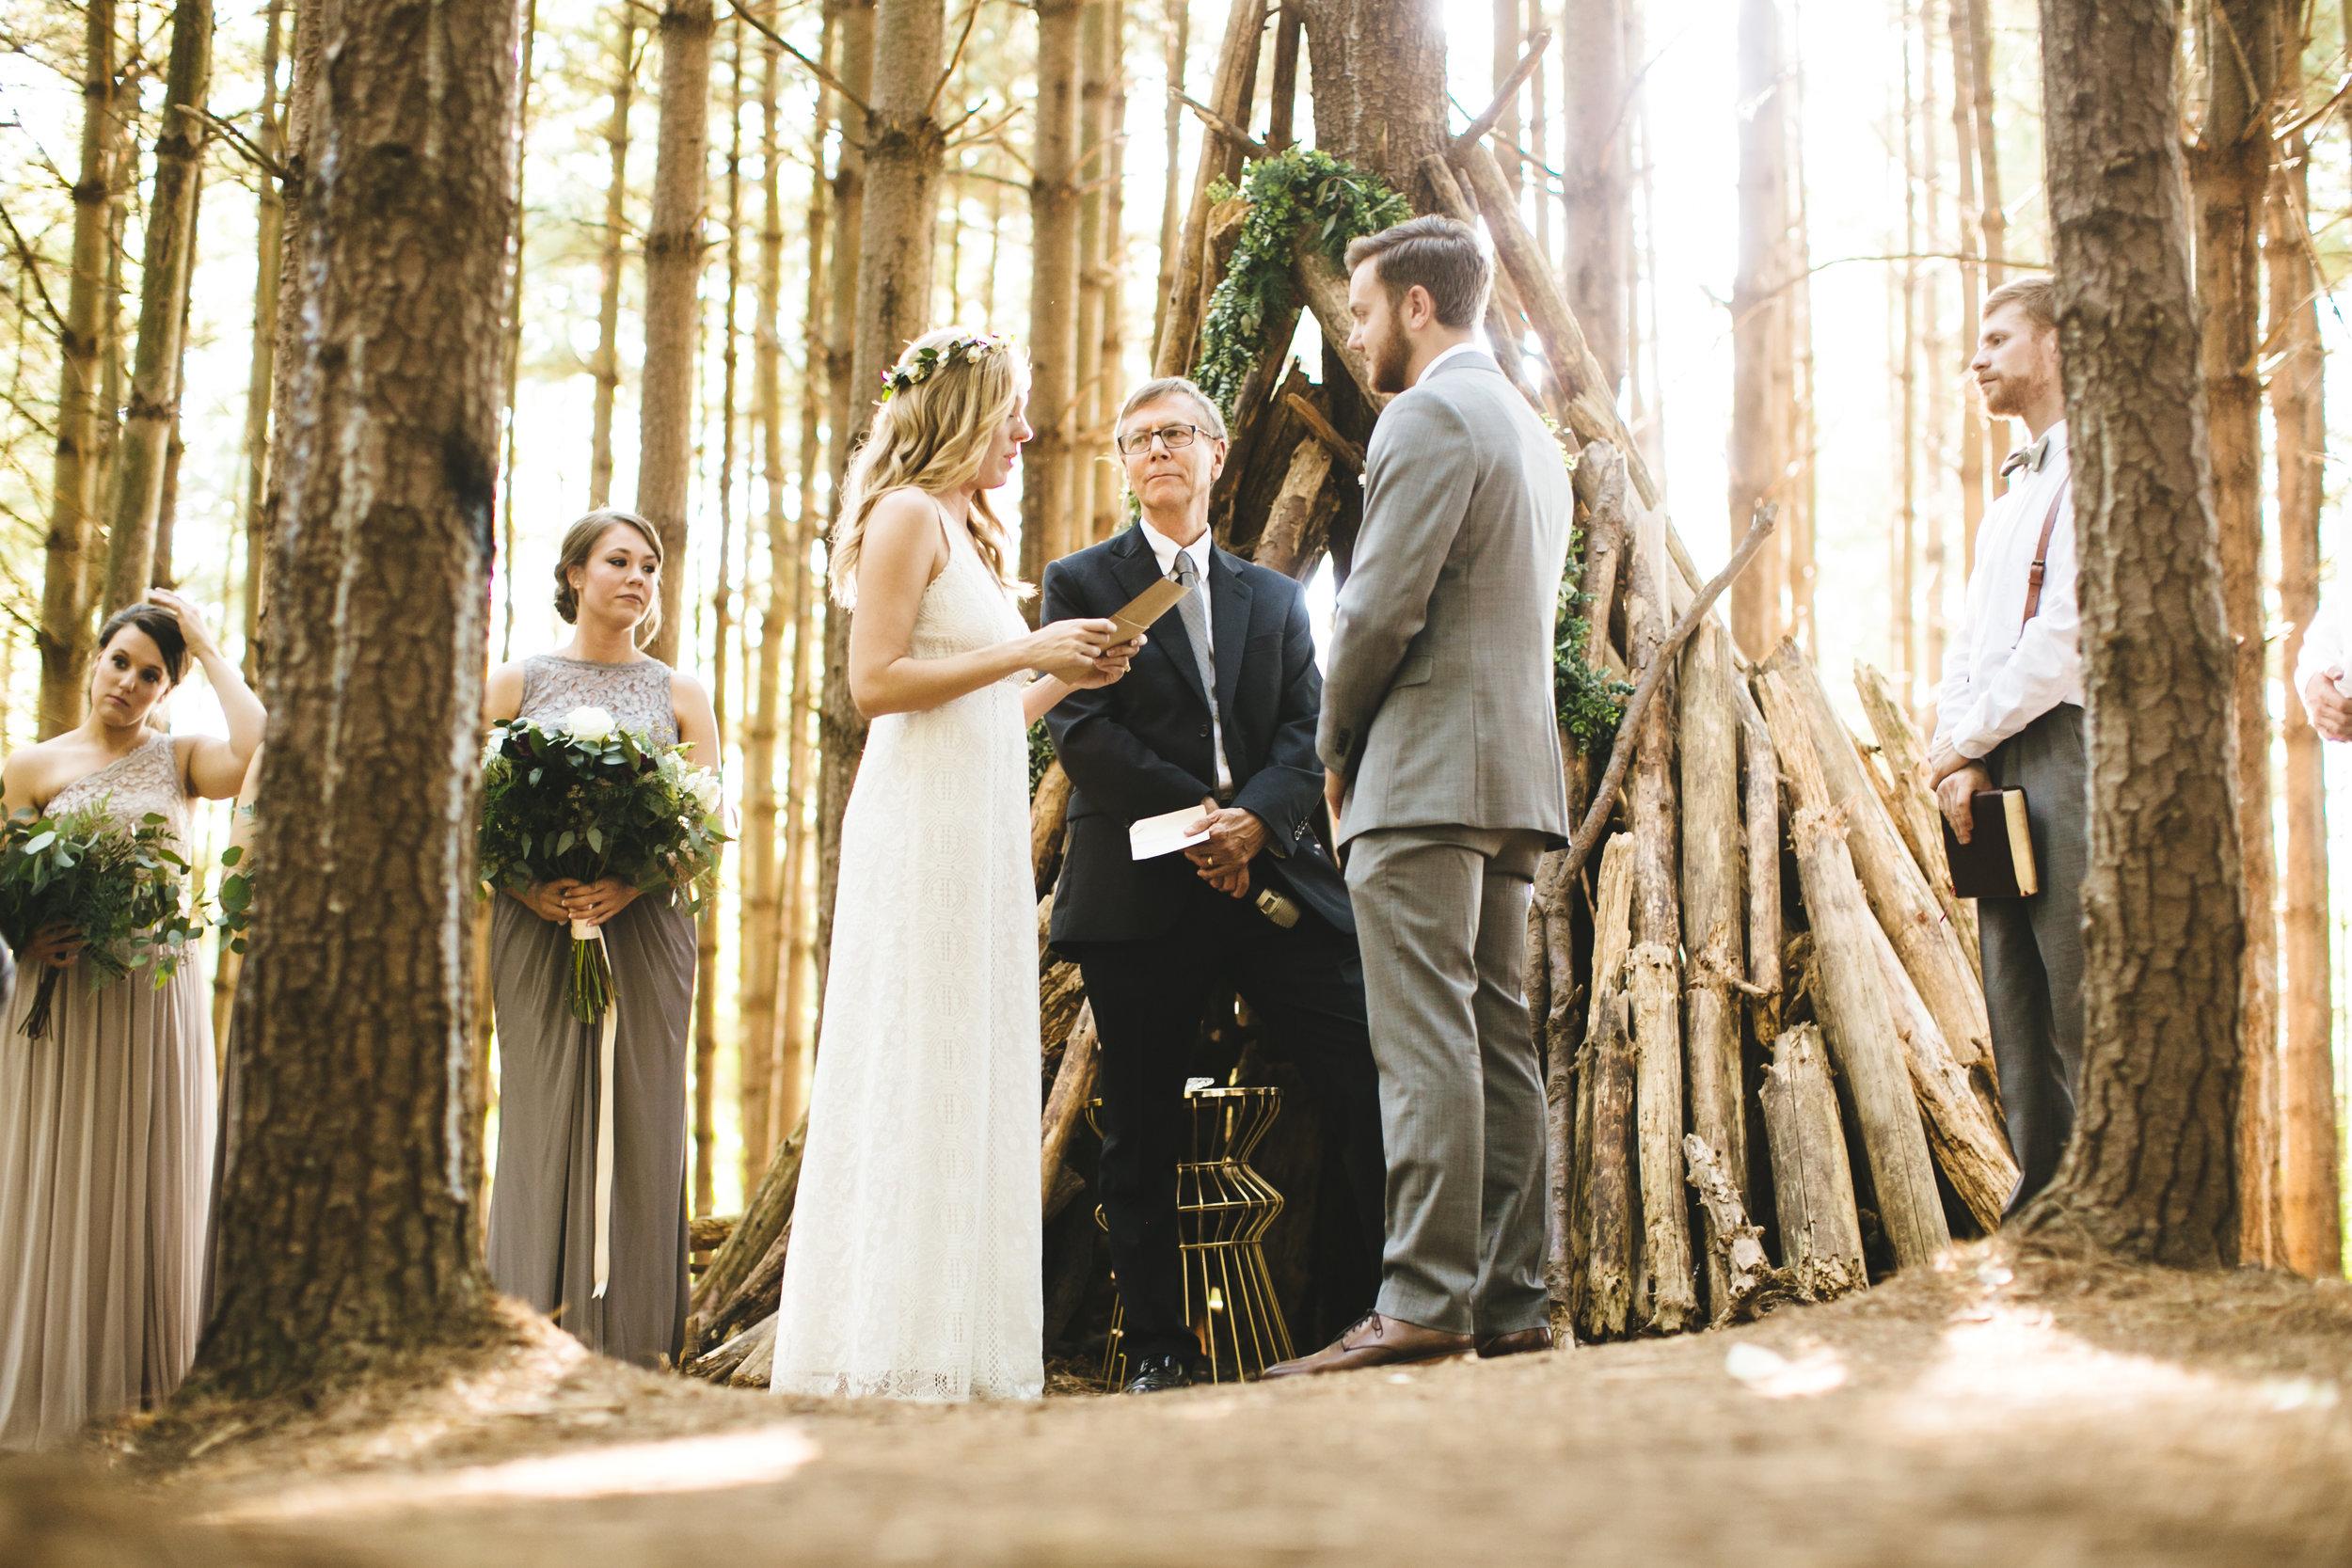 wedding__0392.jpg